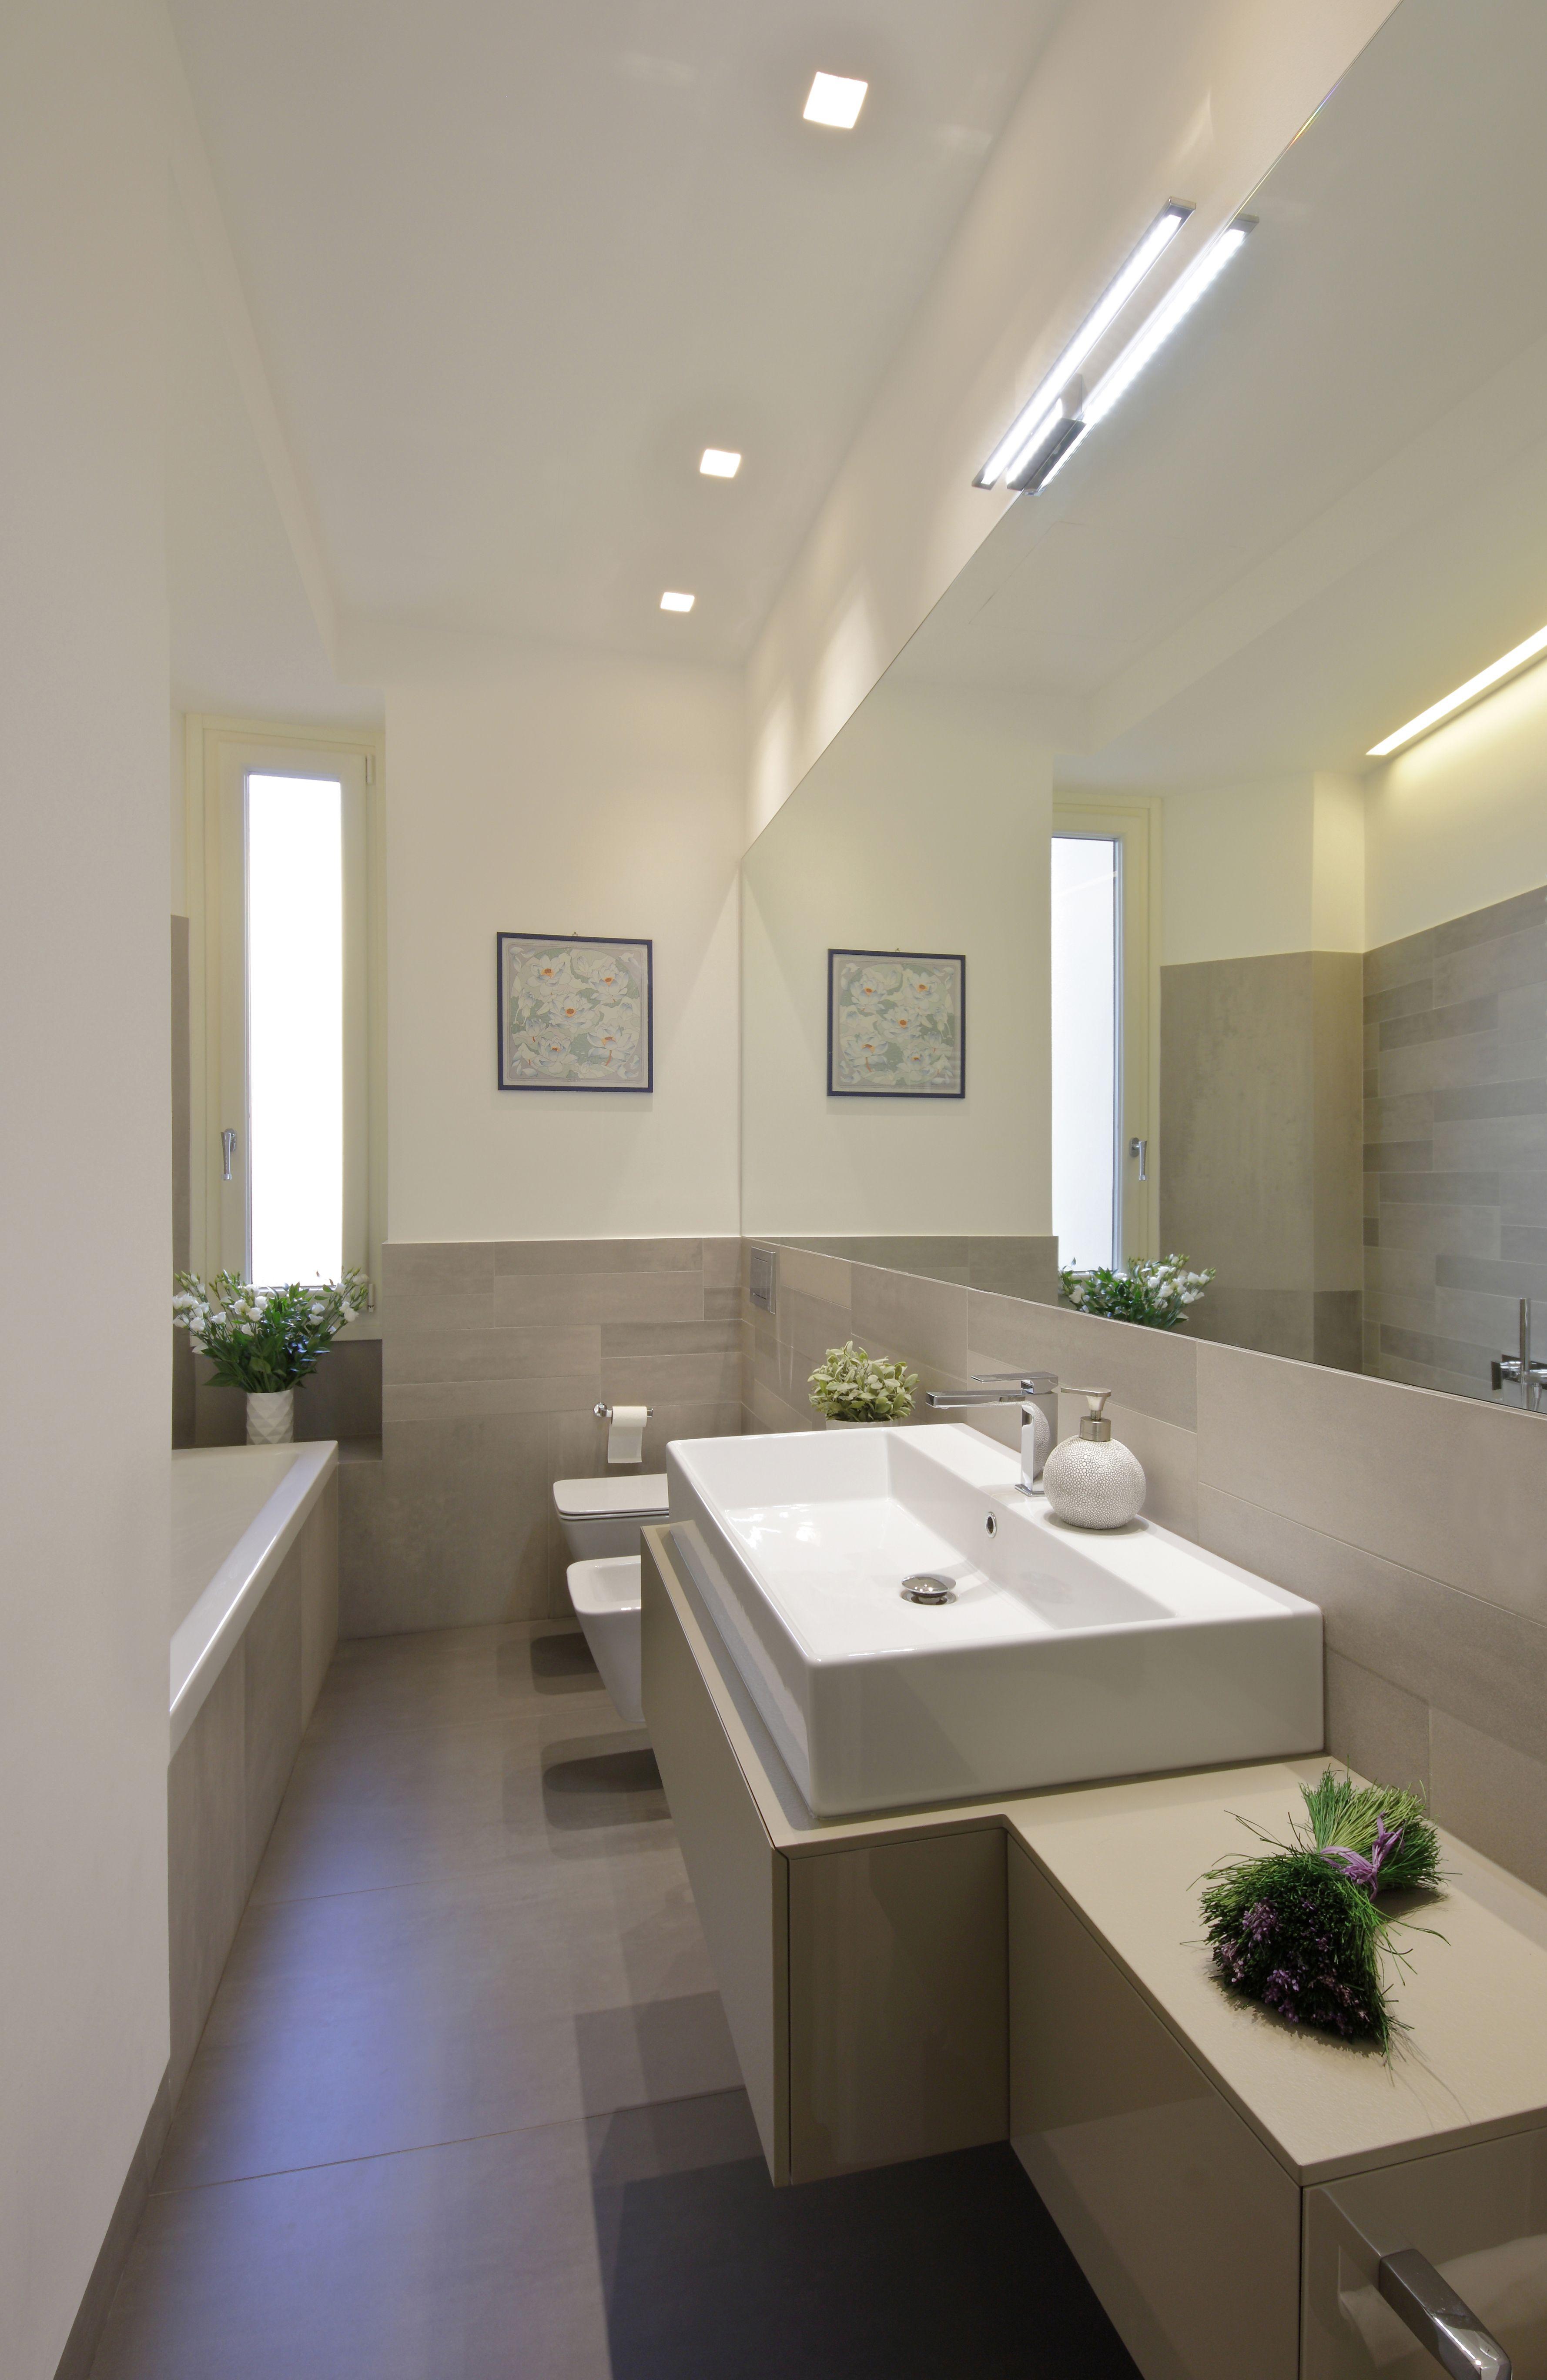 Photo of 100 mq: una casa a pianta irregolare ben risolta